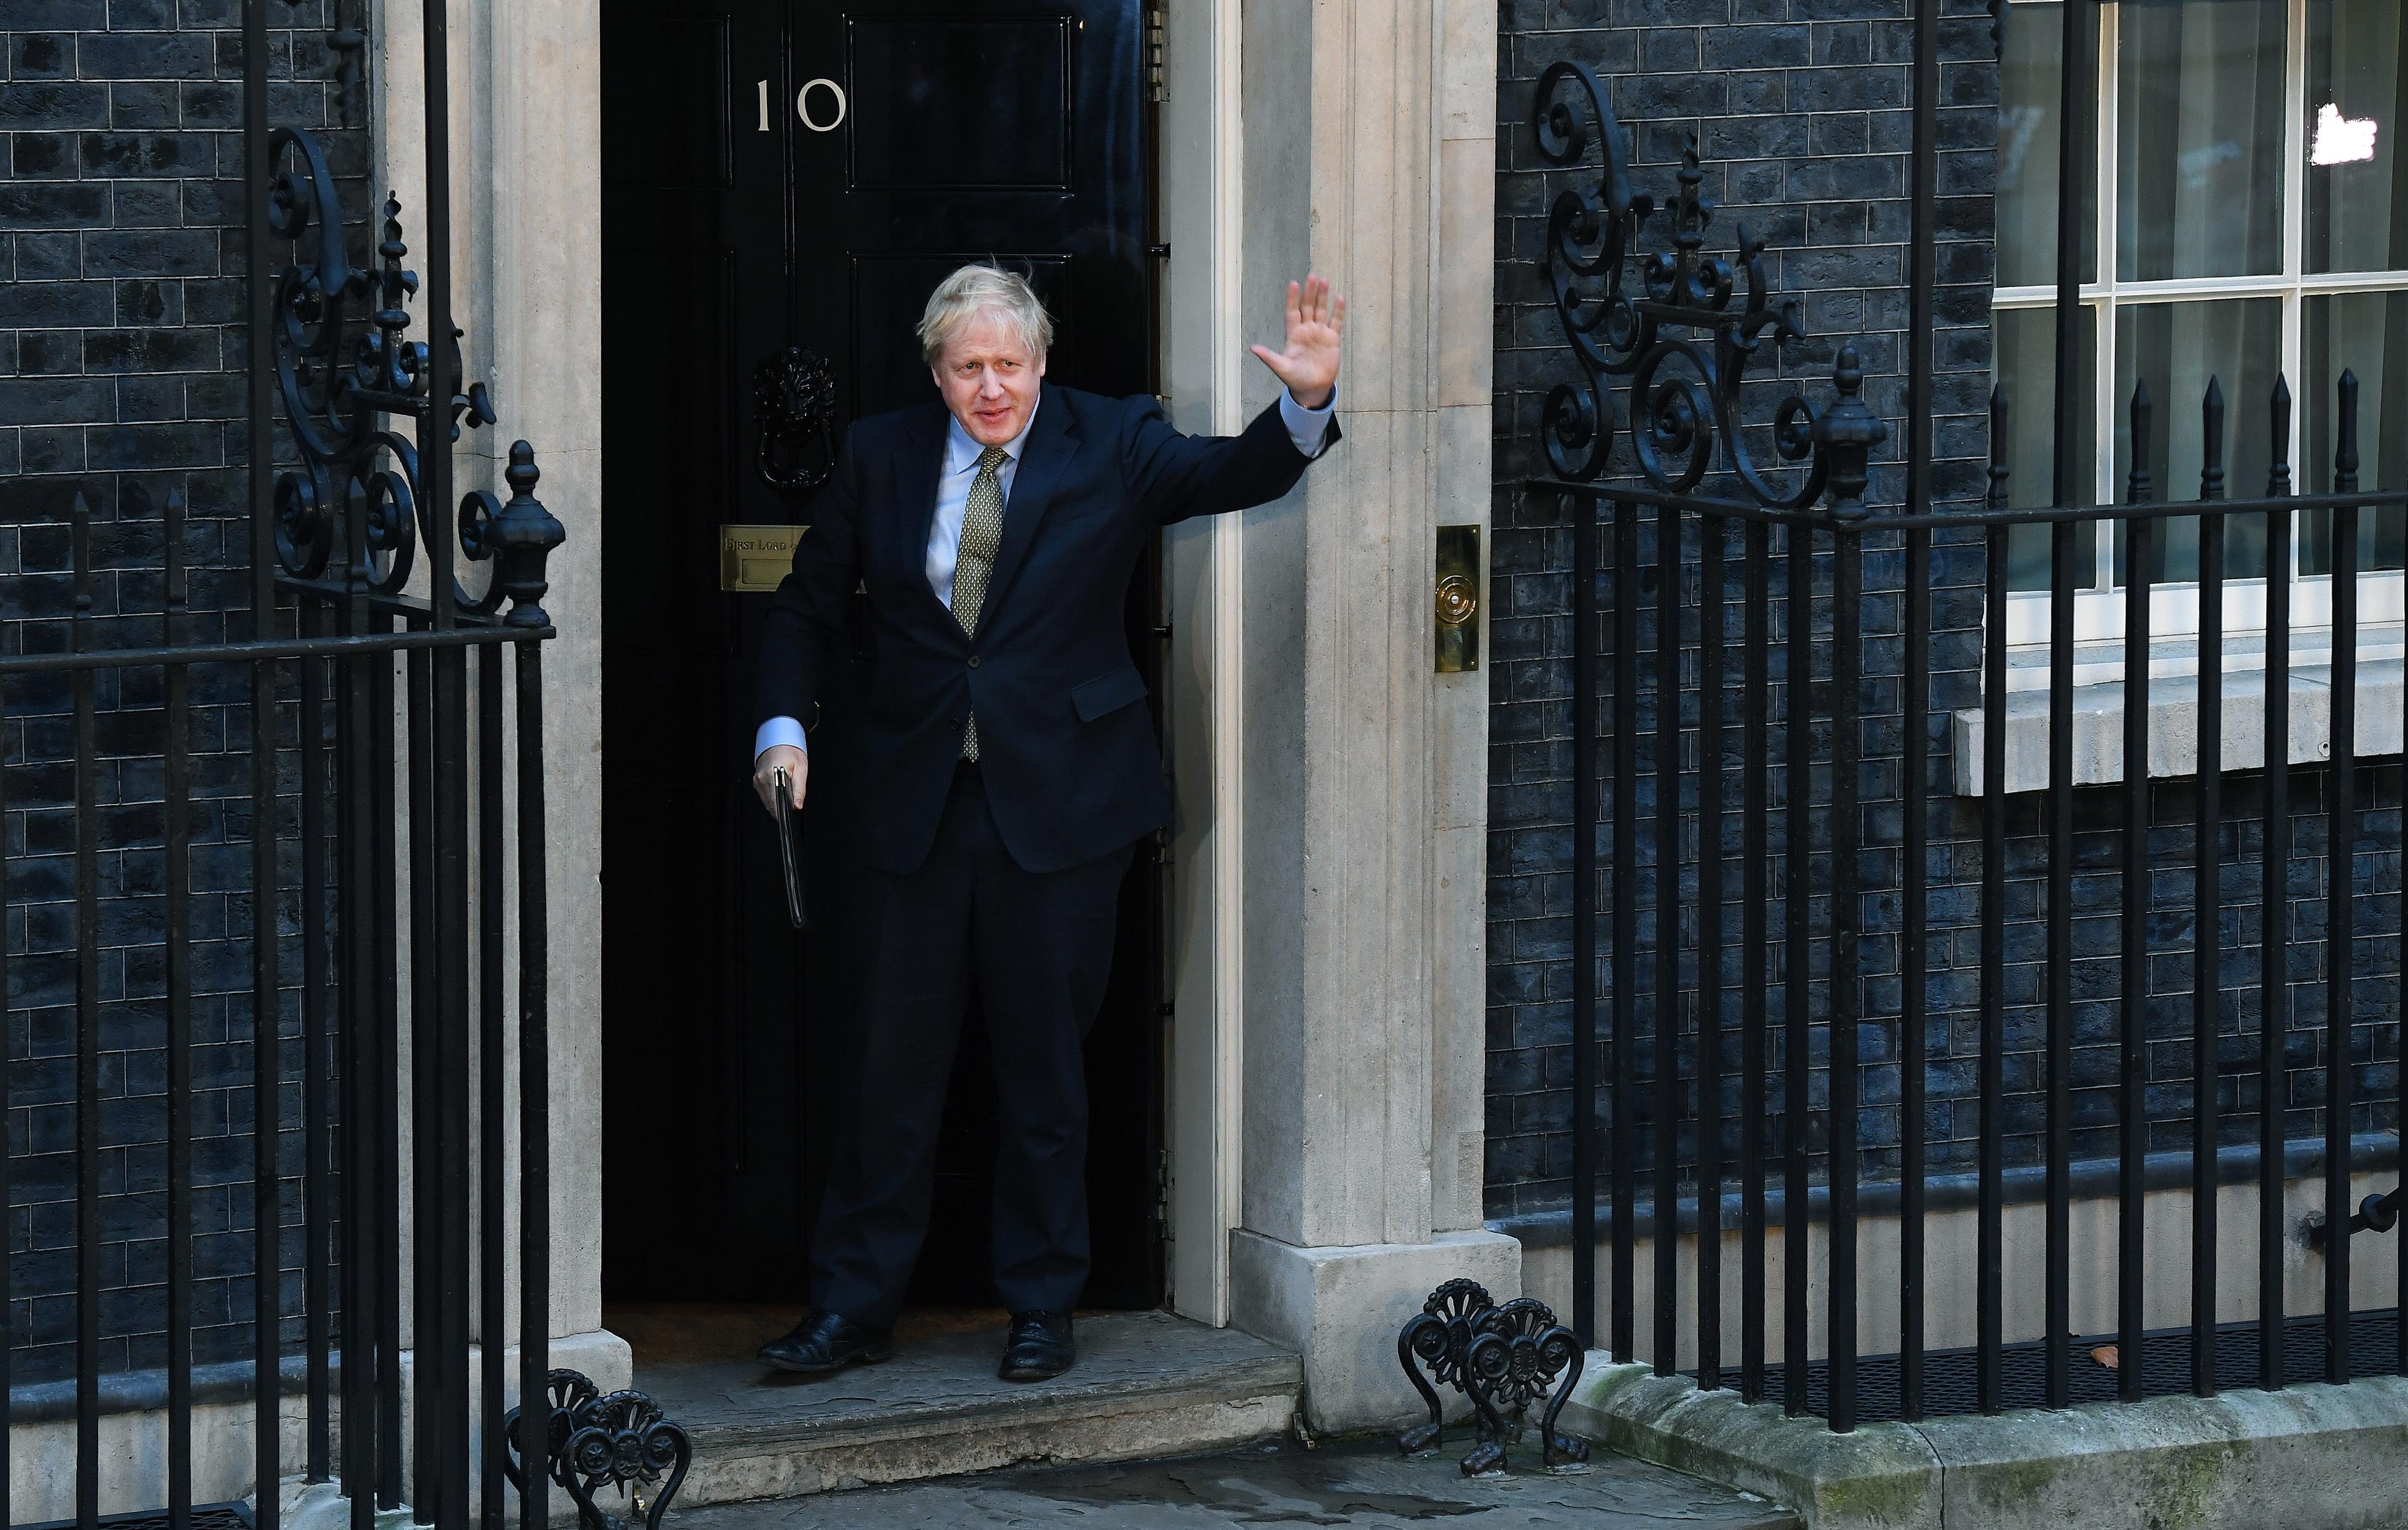 Resultados totais dão 365 deputados aos Conservadores nas legislativas britânicas